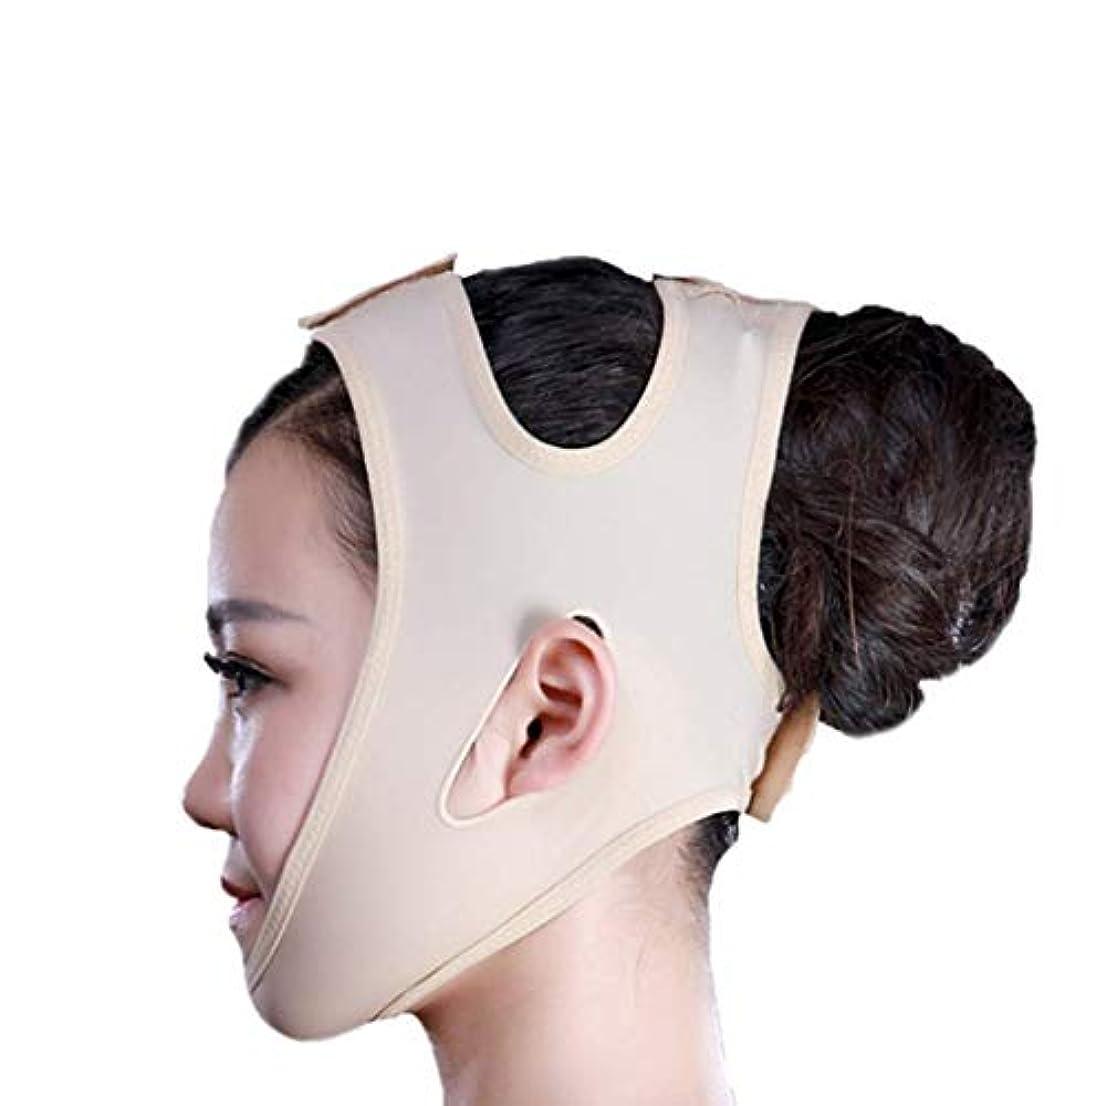 キャプテンブライ肌寒い肩をすくめるフェイススリミングマスク、快適さと通気性、フェイシャルリフティング、輪郭の改善された硬さ、ファーミングとリフティングフェイス(カラー:ブラック、サイズ:XL),黄色がかったピンク、XXL